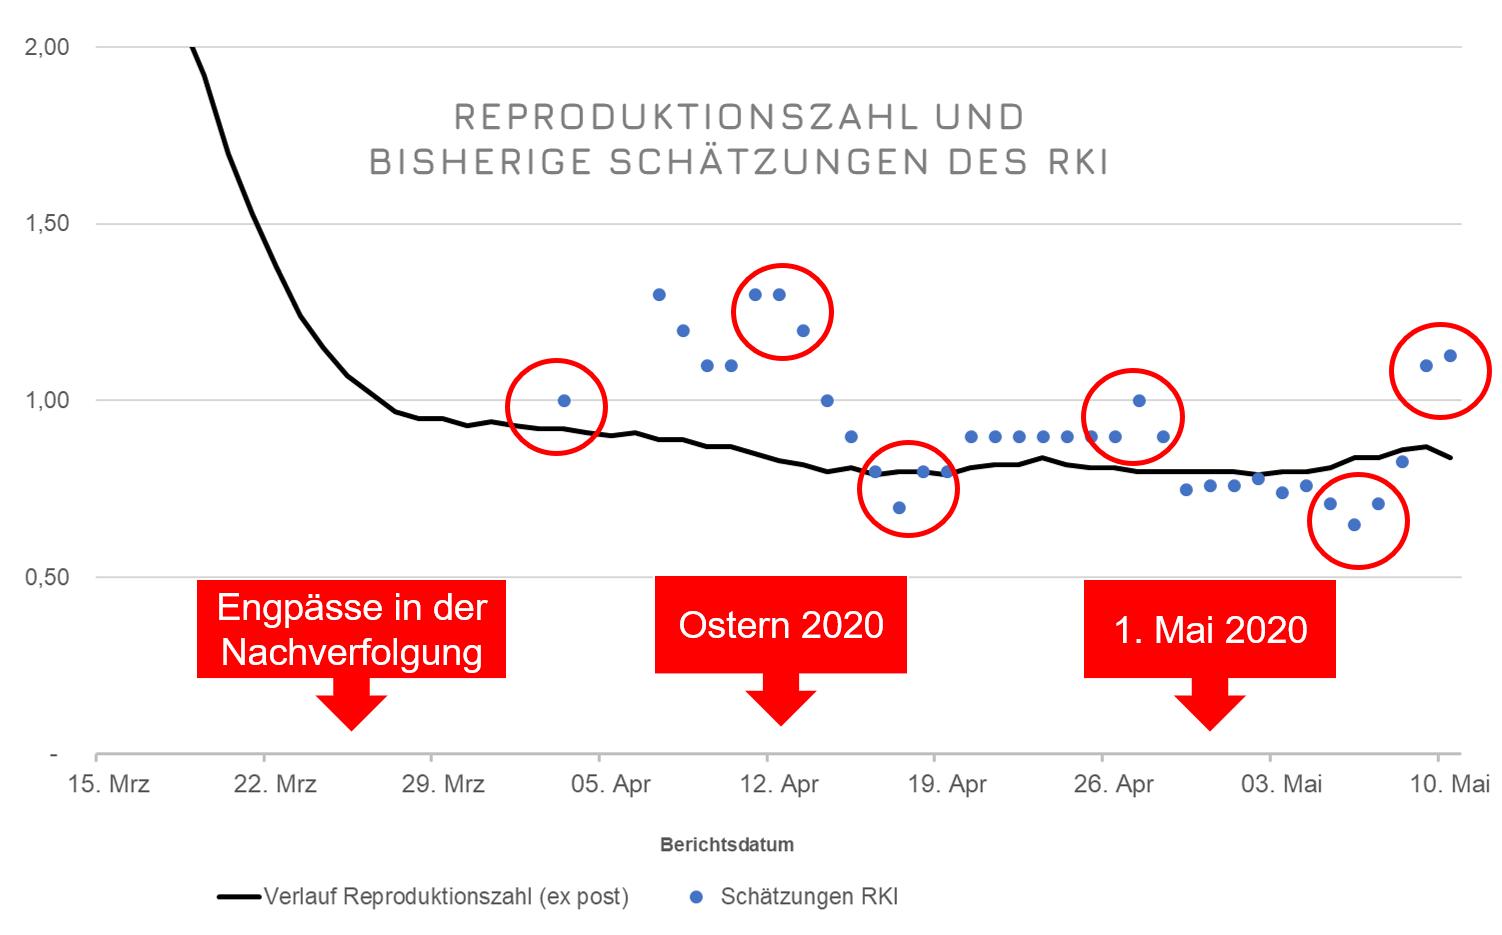 Darstellung Reproduktionszahl RKI